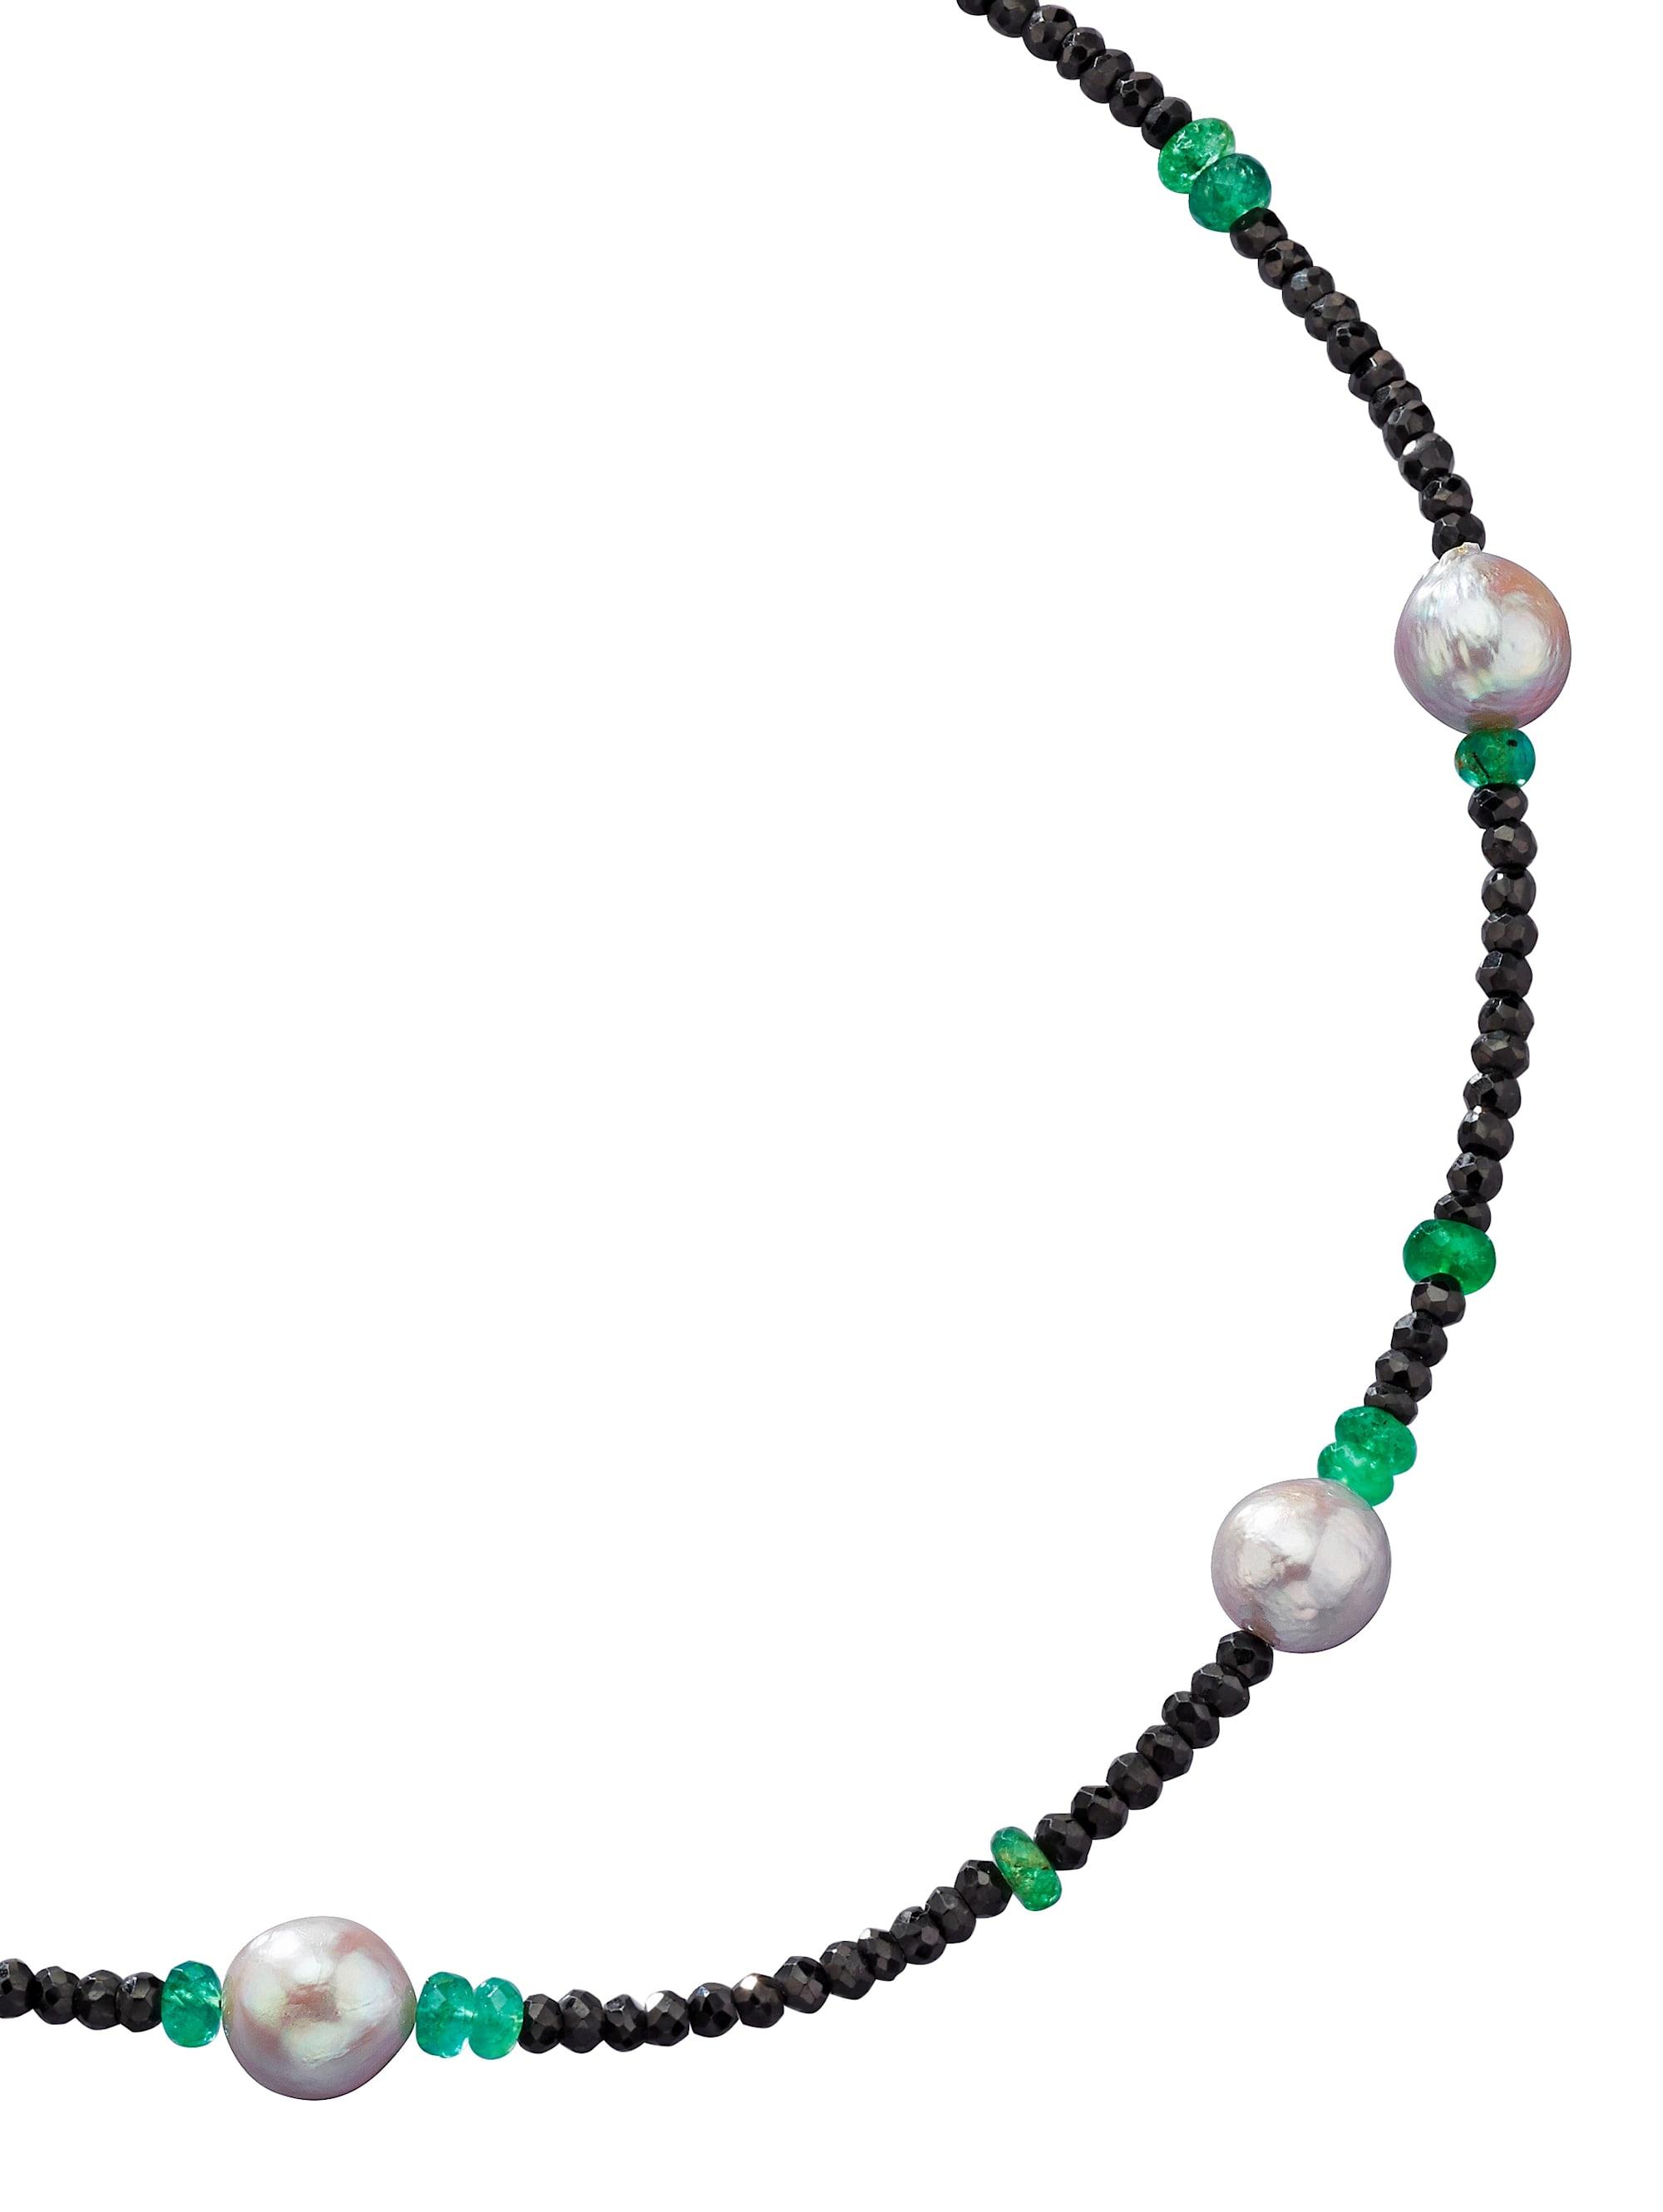 Diemer Farbstein Spinellkette mit Smaragden W2kn7